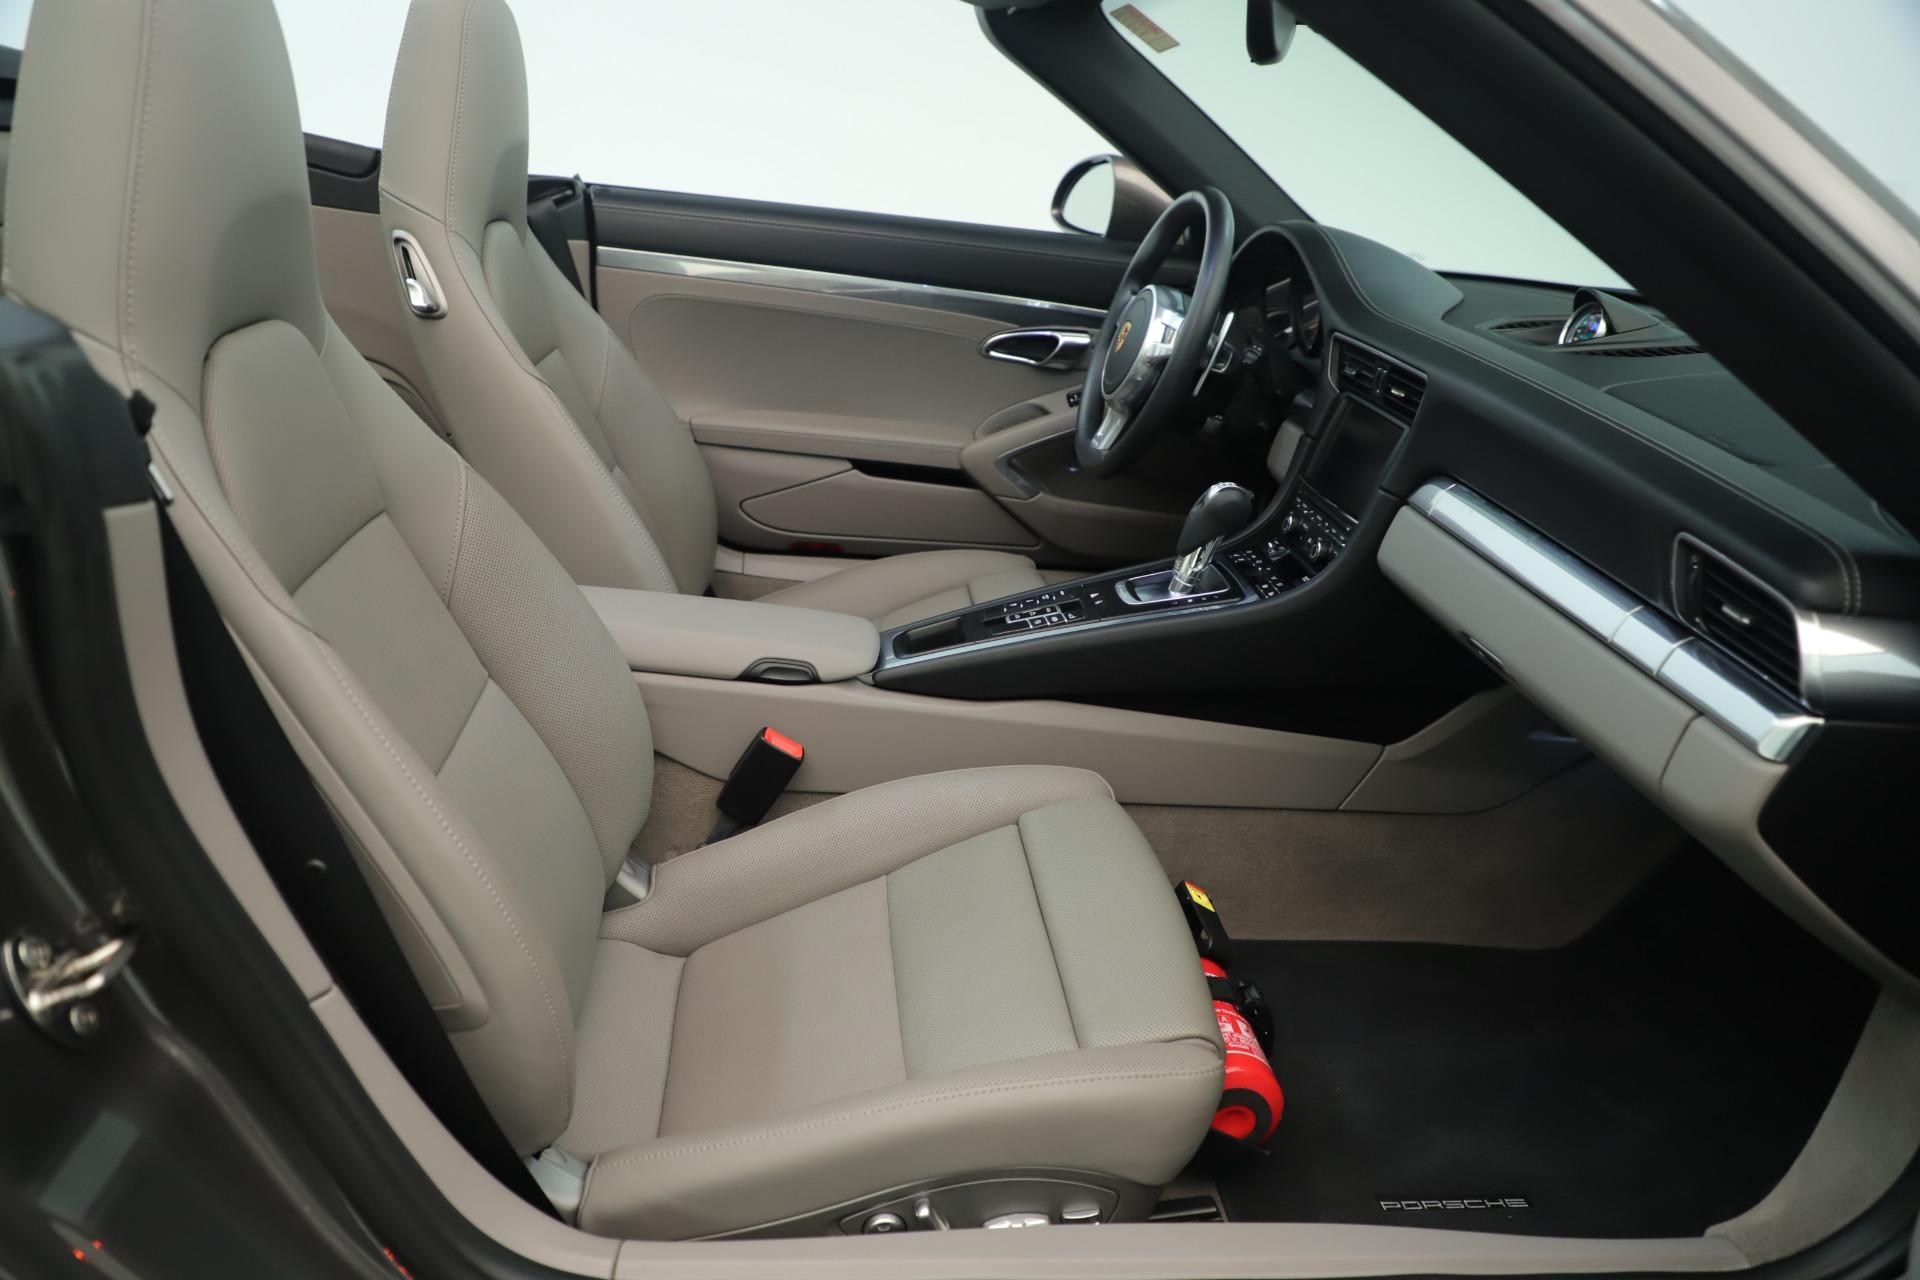 Used 2015 Porsche 911 Carrera 4S For Sale In Greenwich, CT 3383_p23